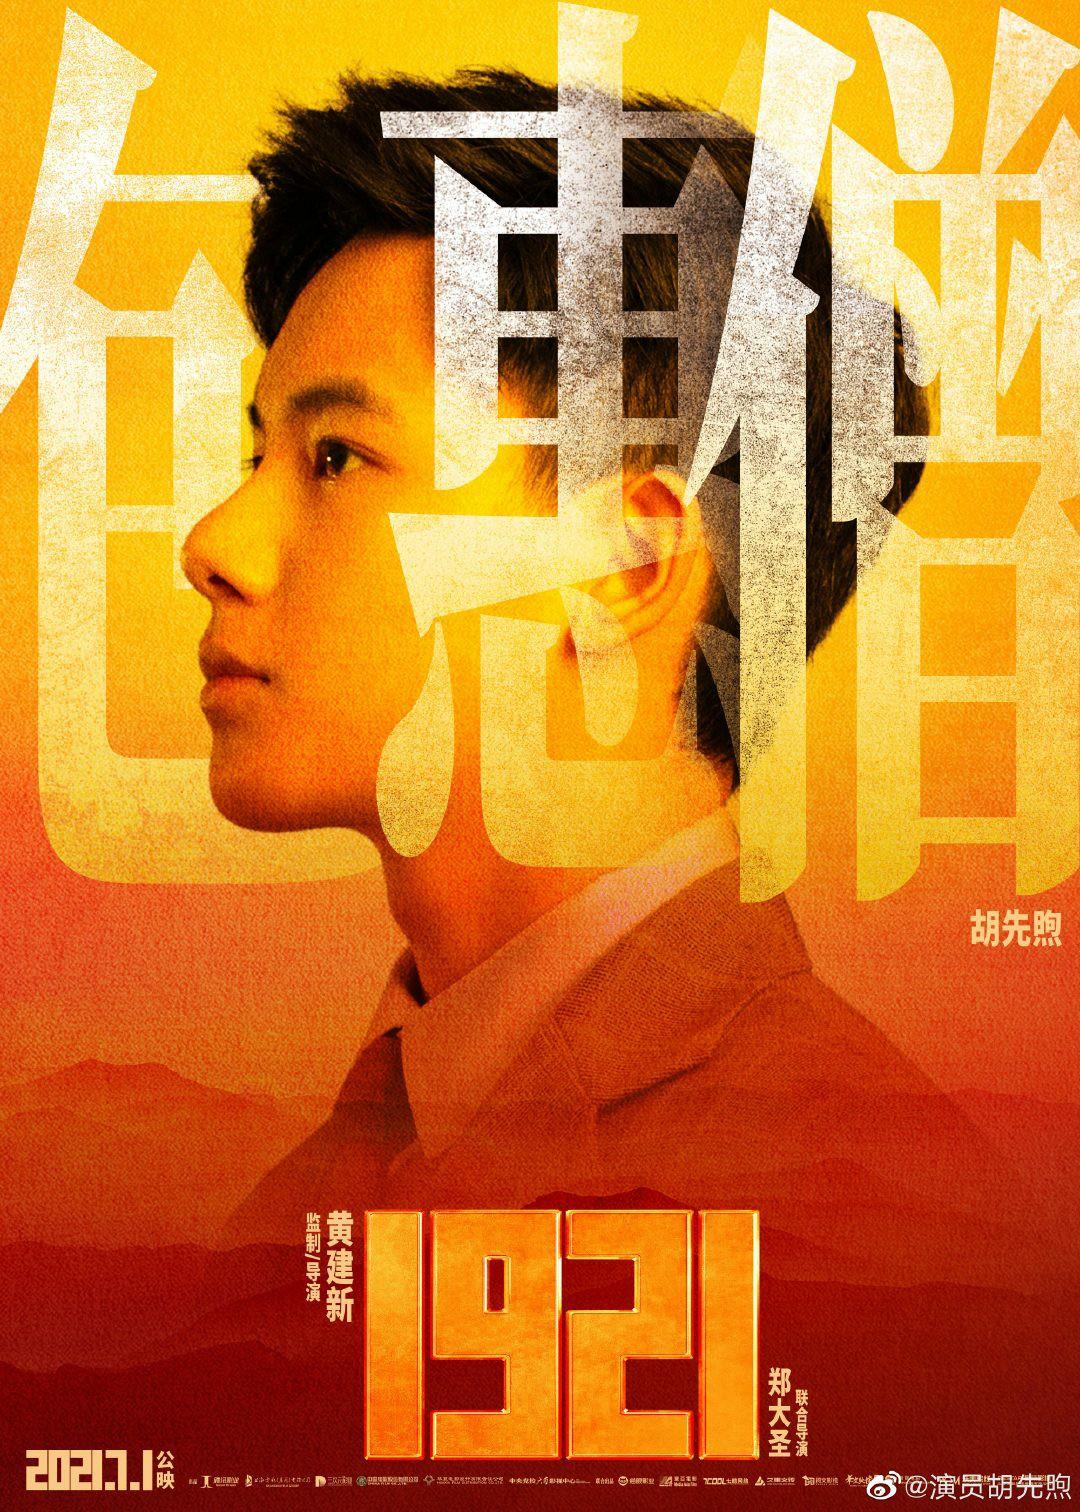 期待1921胡先煦饰演的革命前辈包惠僧